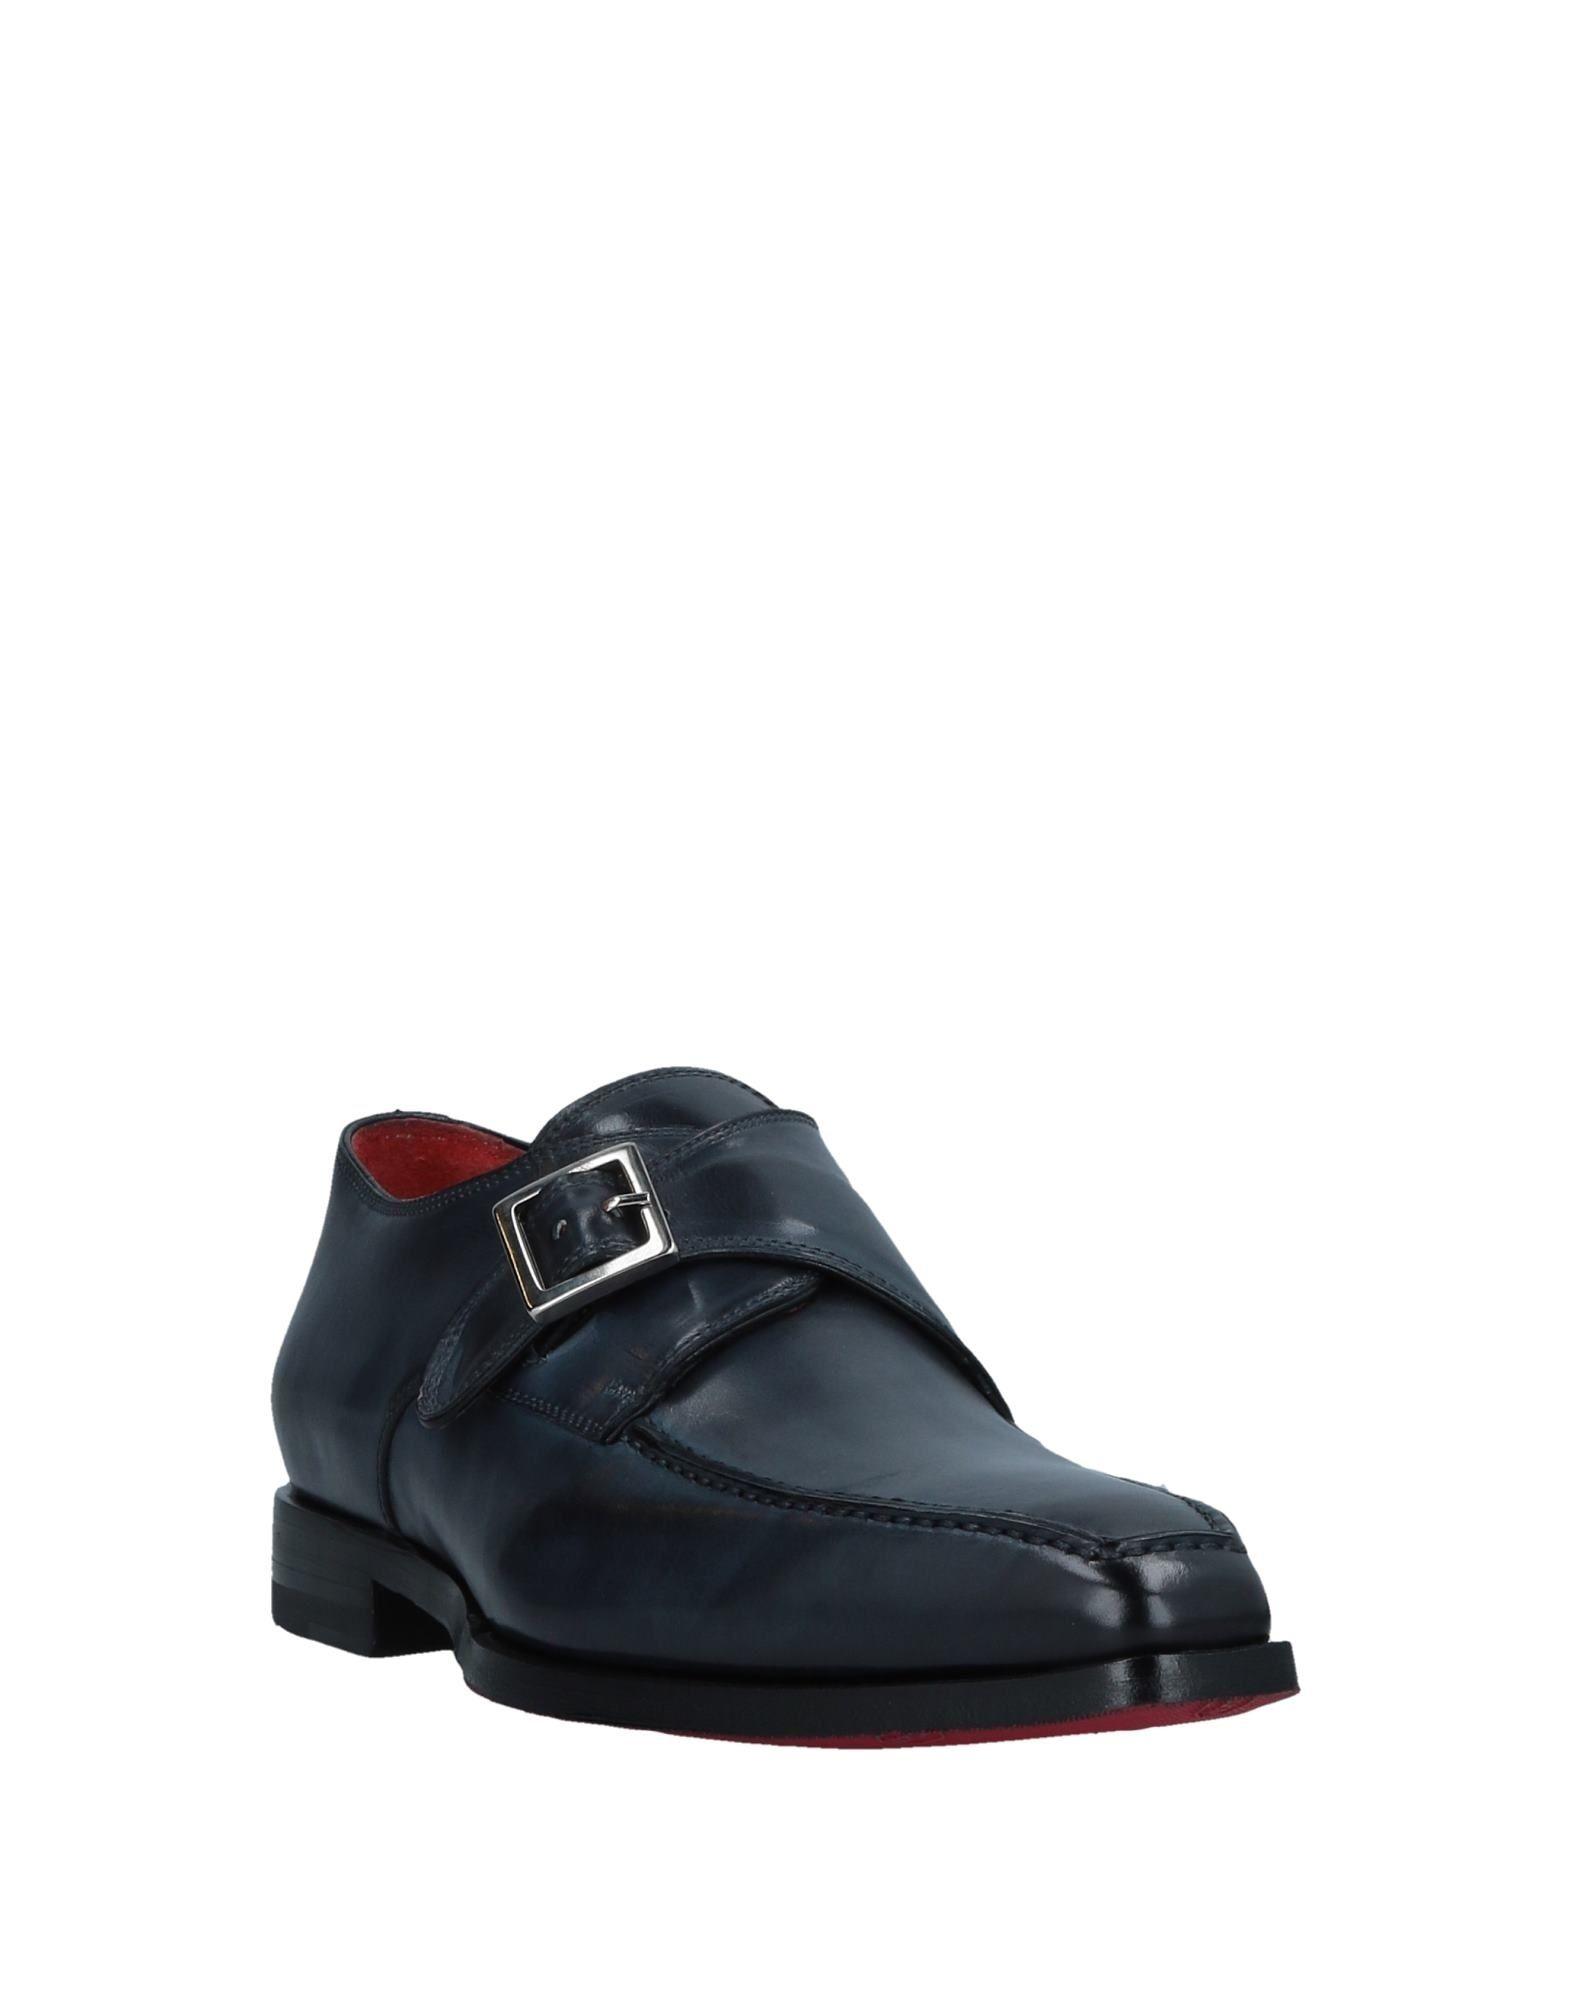 Andrea Ventura Firenze Qualität Mokassins Herren  11529127DM Gute Qualität Firenze beliebte Schuhe 56ccbe